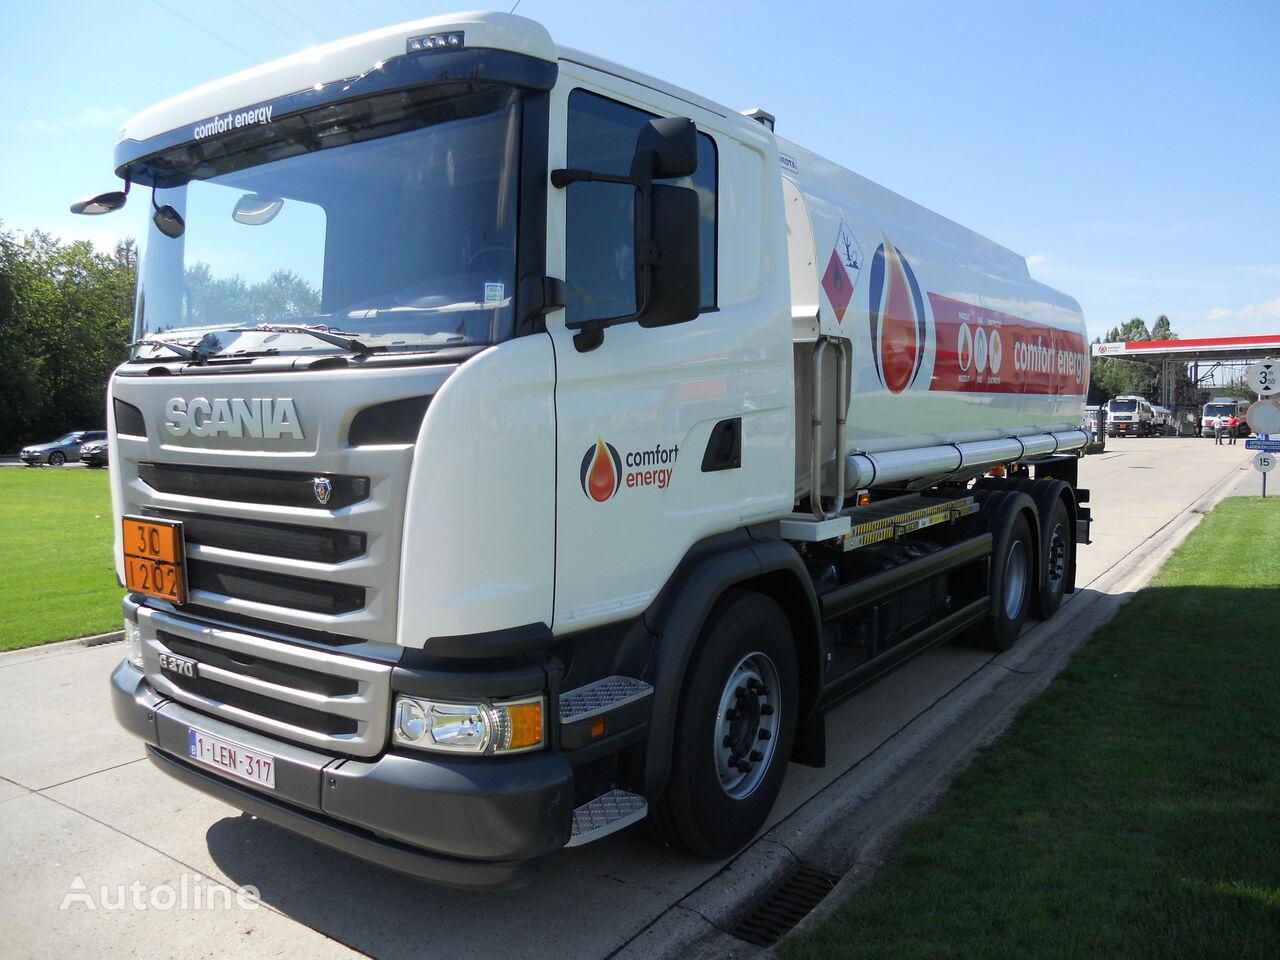 SCANIA drivstoff transport tankbil